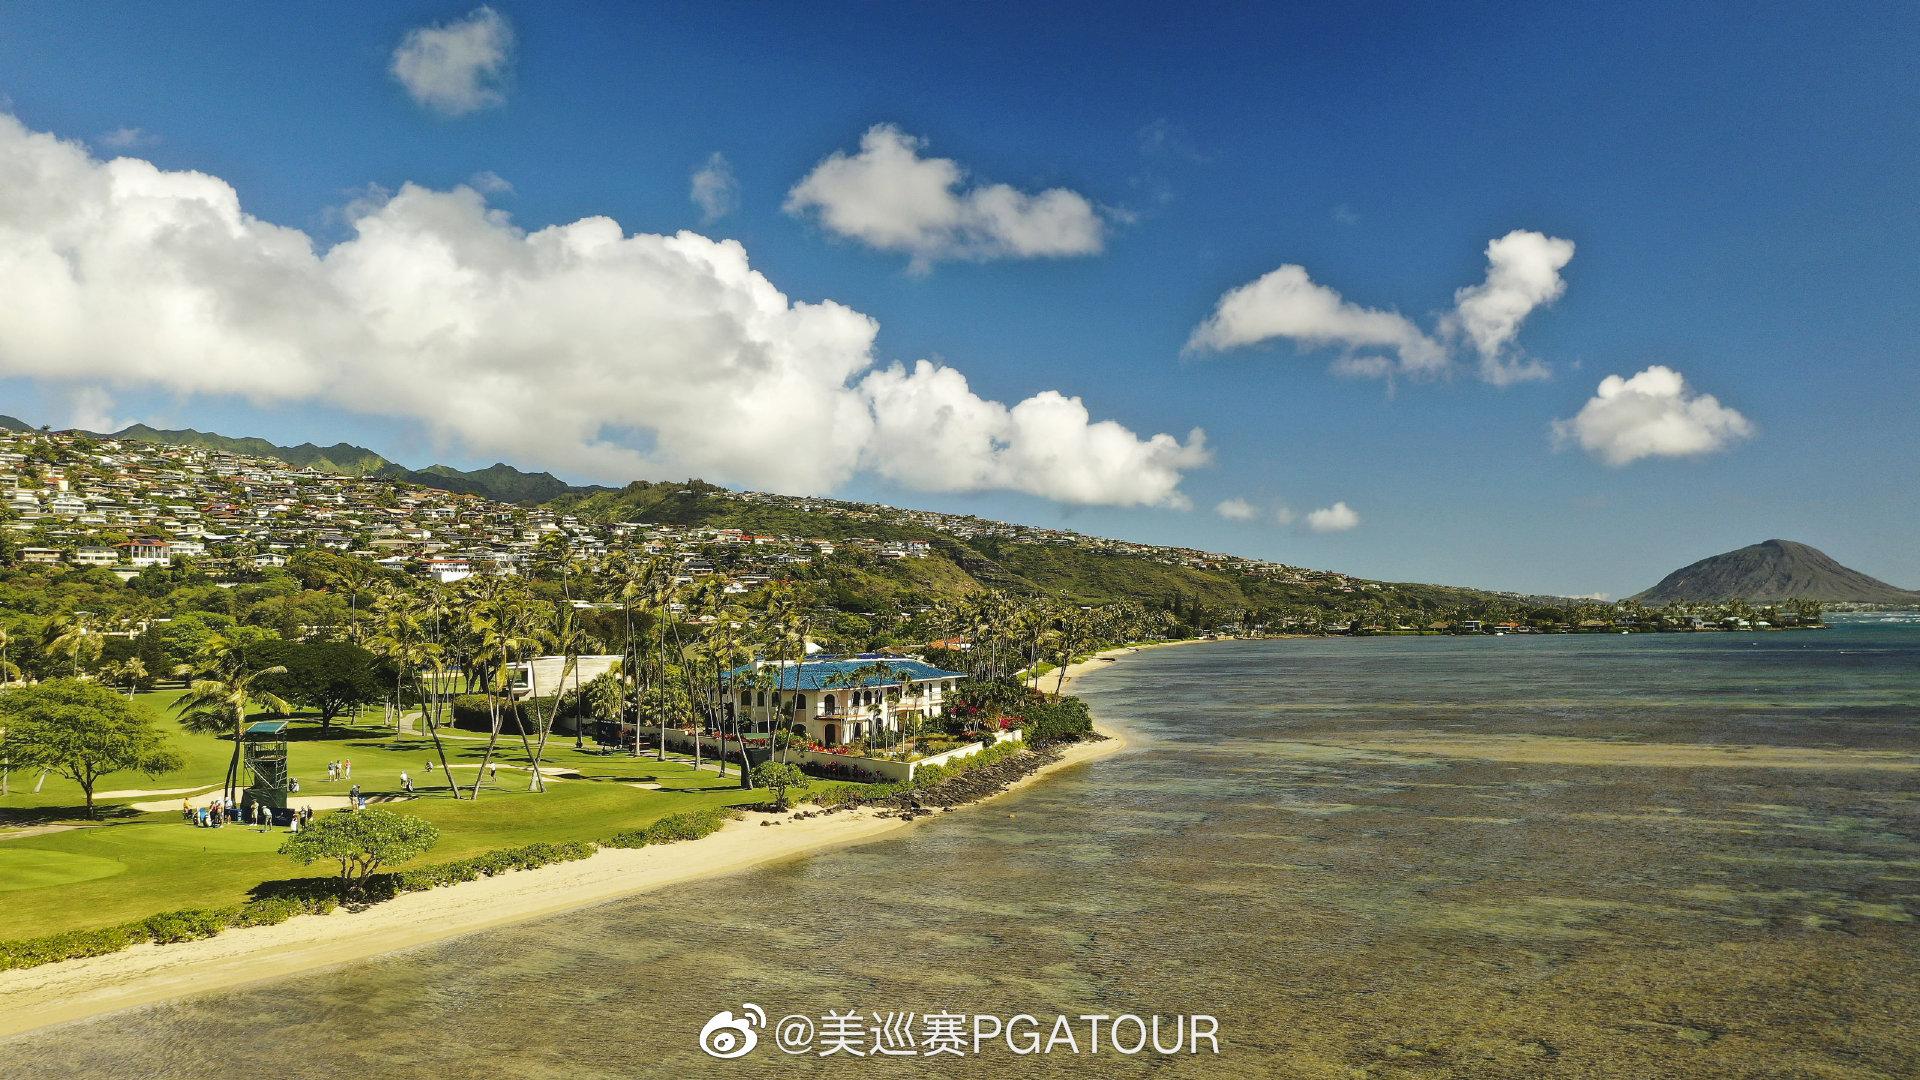 航拍本周比赛的场地 夏威夷维艾勒伊乡村俱乐部